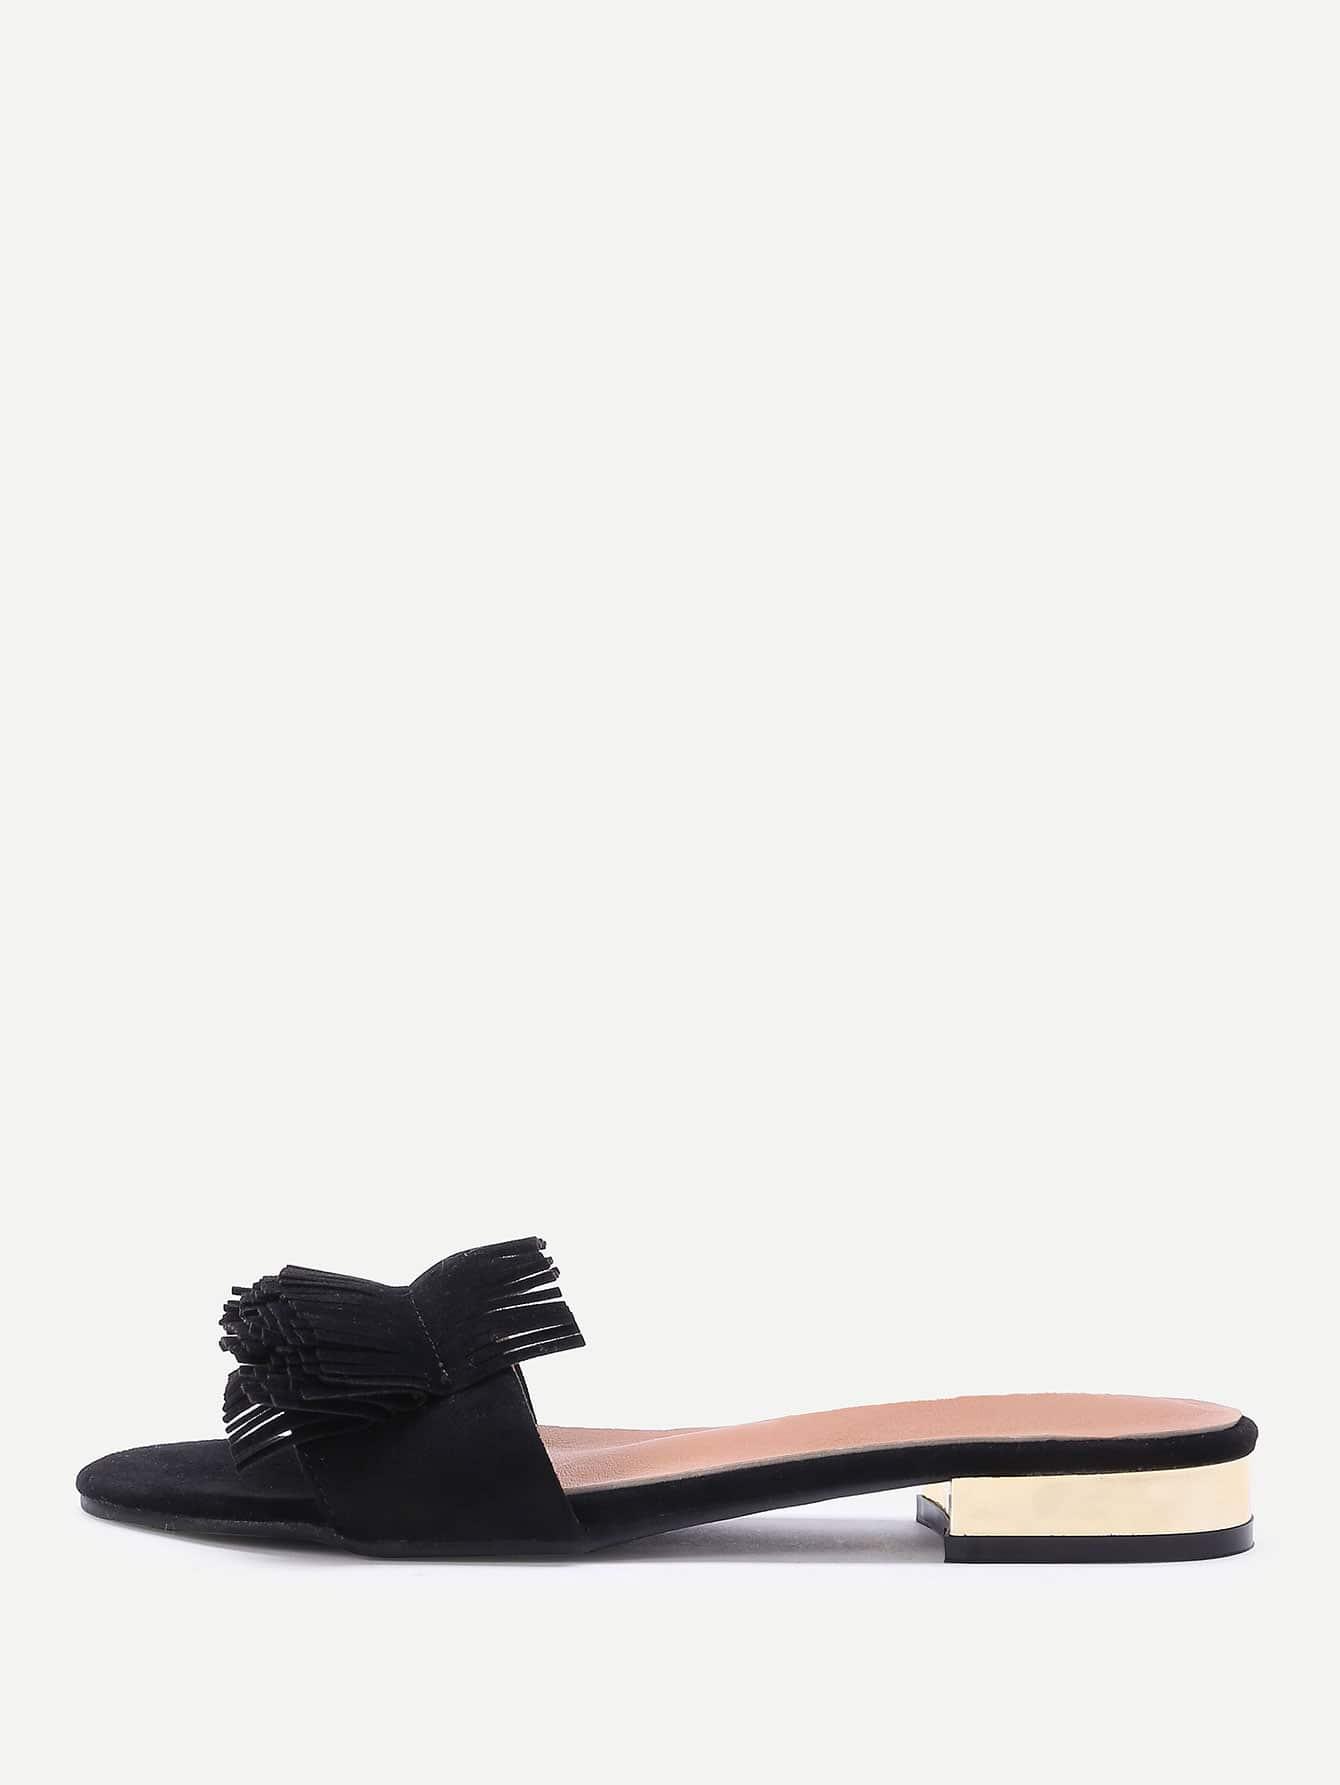 shoes170412802_2